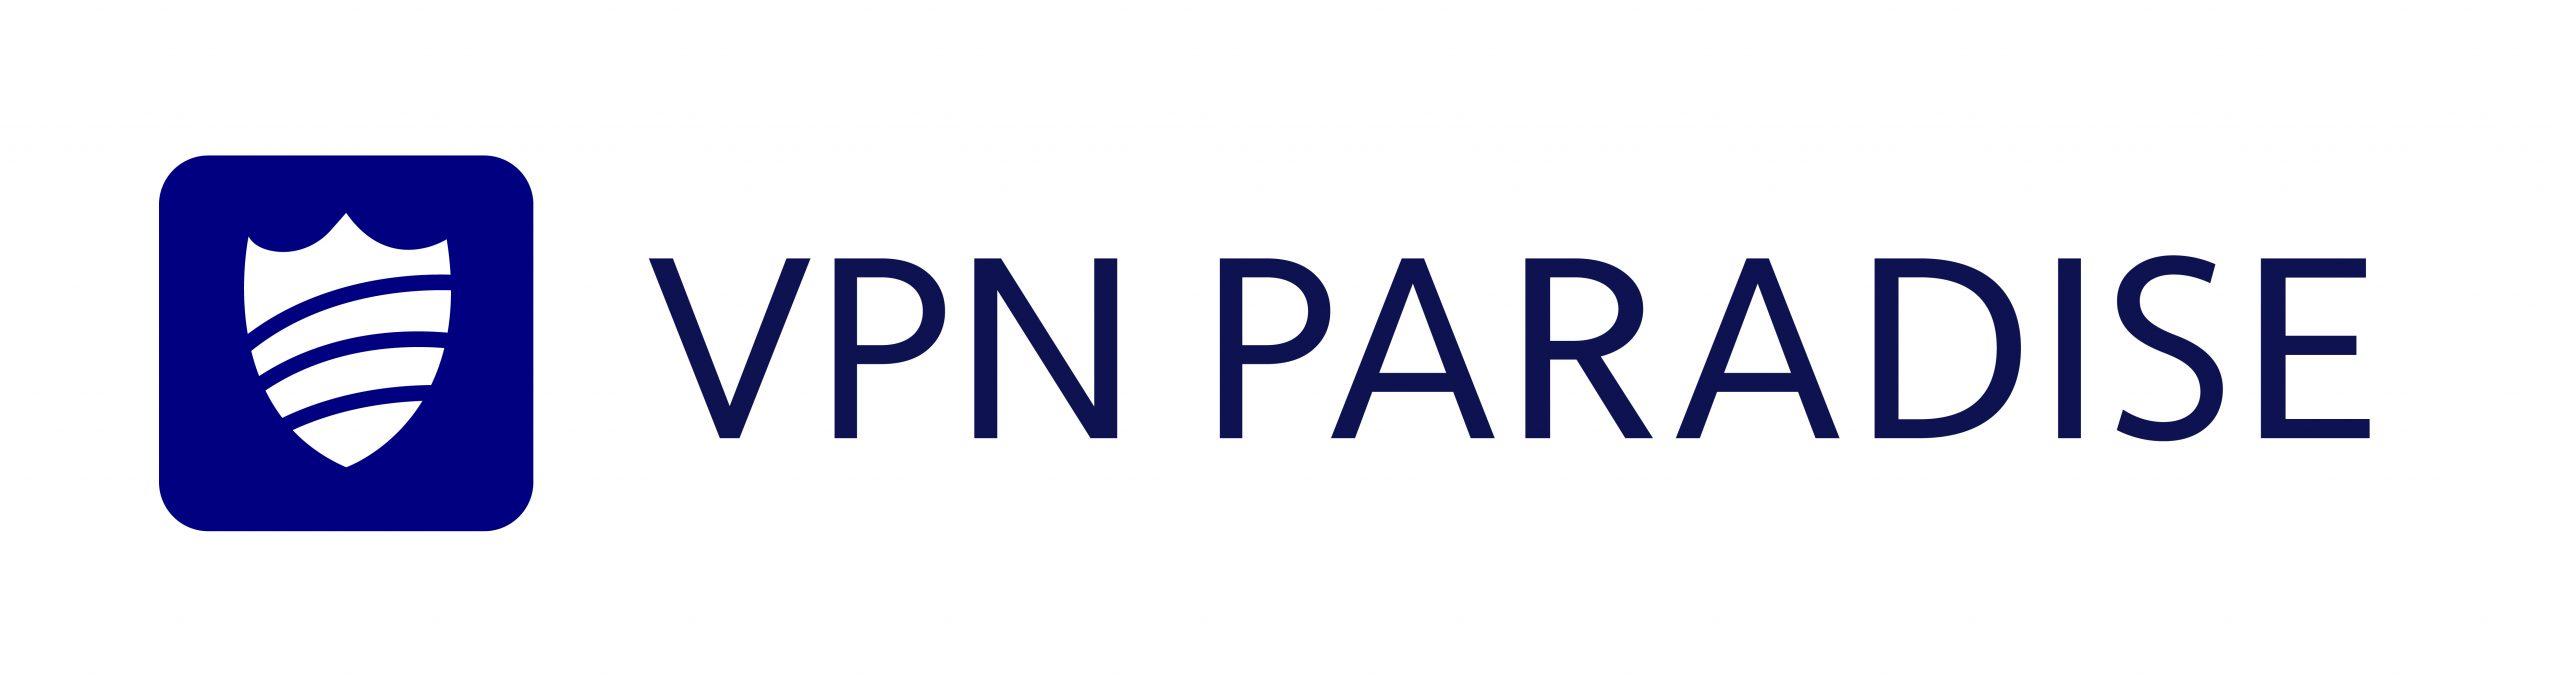 VPNparadise